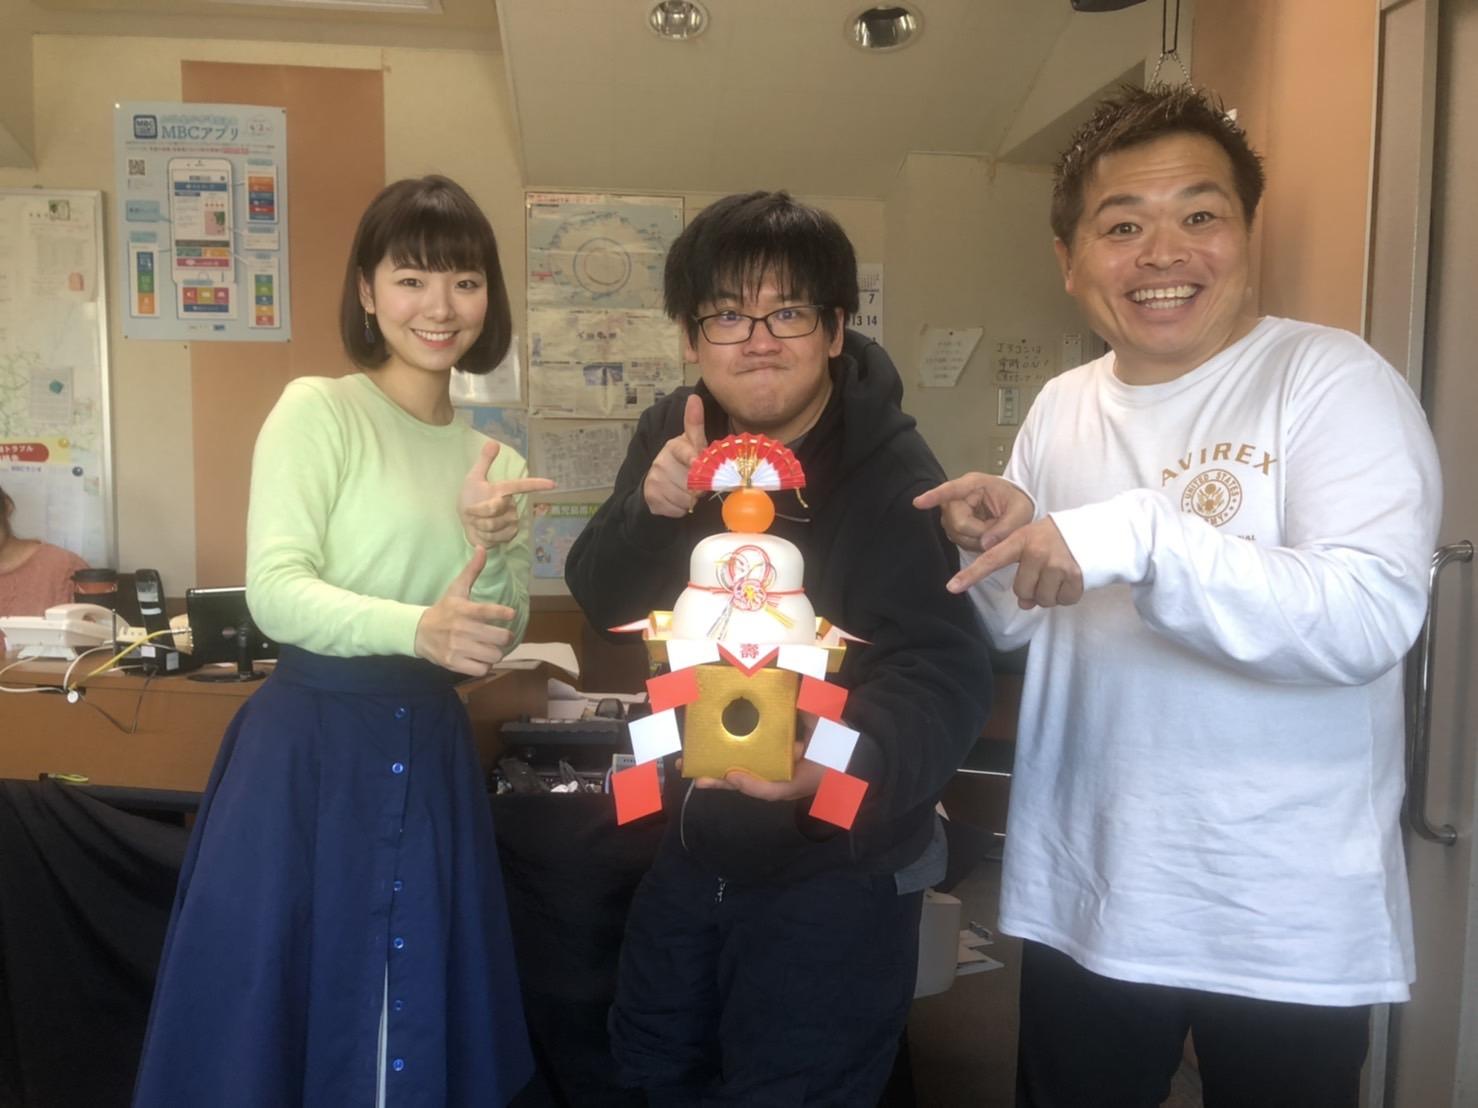 【MBCバズかご】KagoshimaniaX2019年アクセスランキング!【2019.12.28】